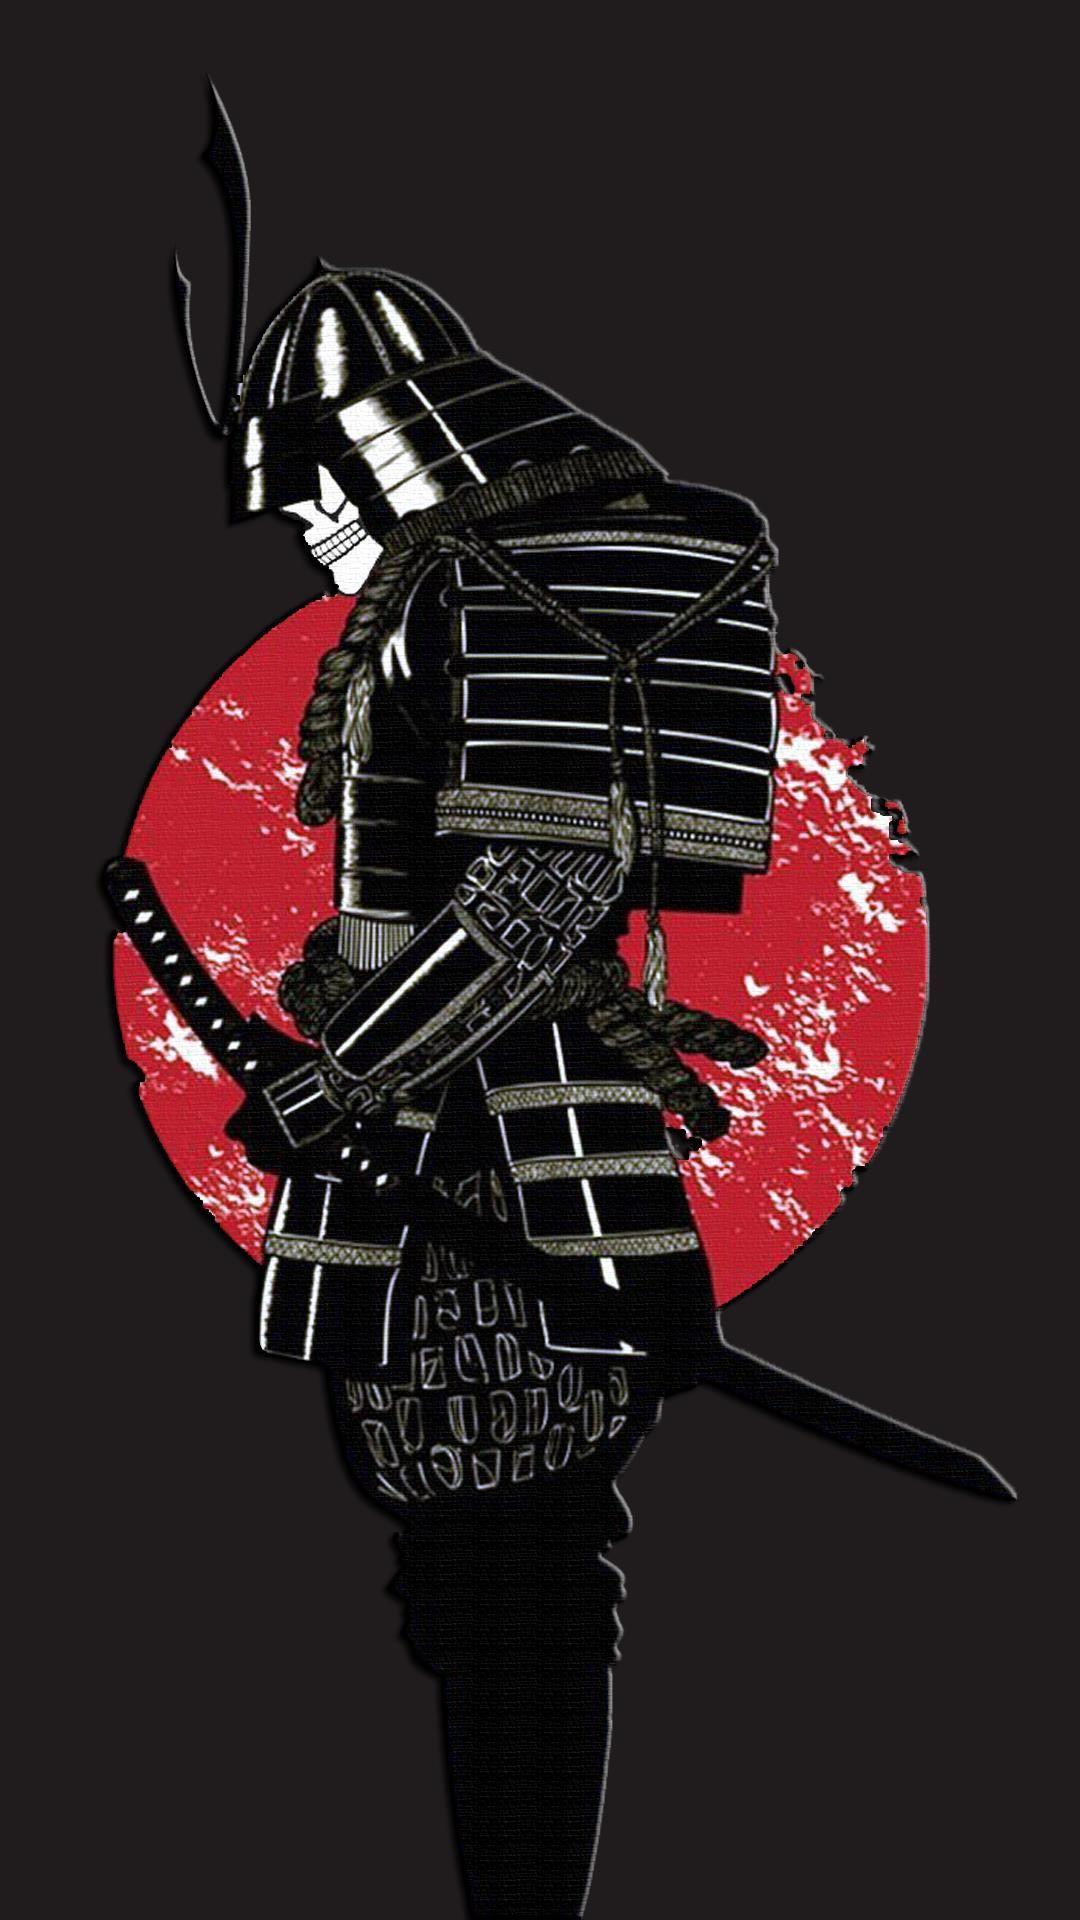 Download Samurai Sword Iphone Wallpaper Background In 2021 Samurai Wallpaper Samurai Art Samurai Warrior Tattoo